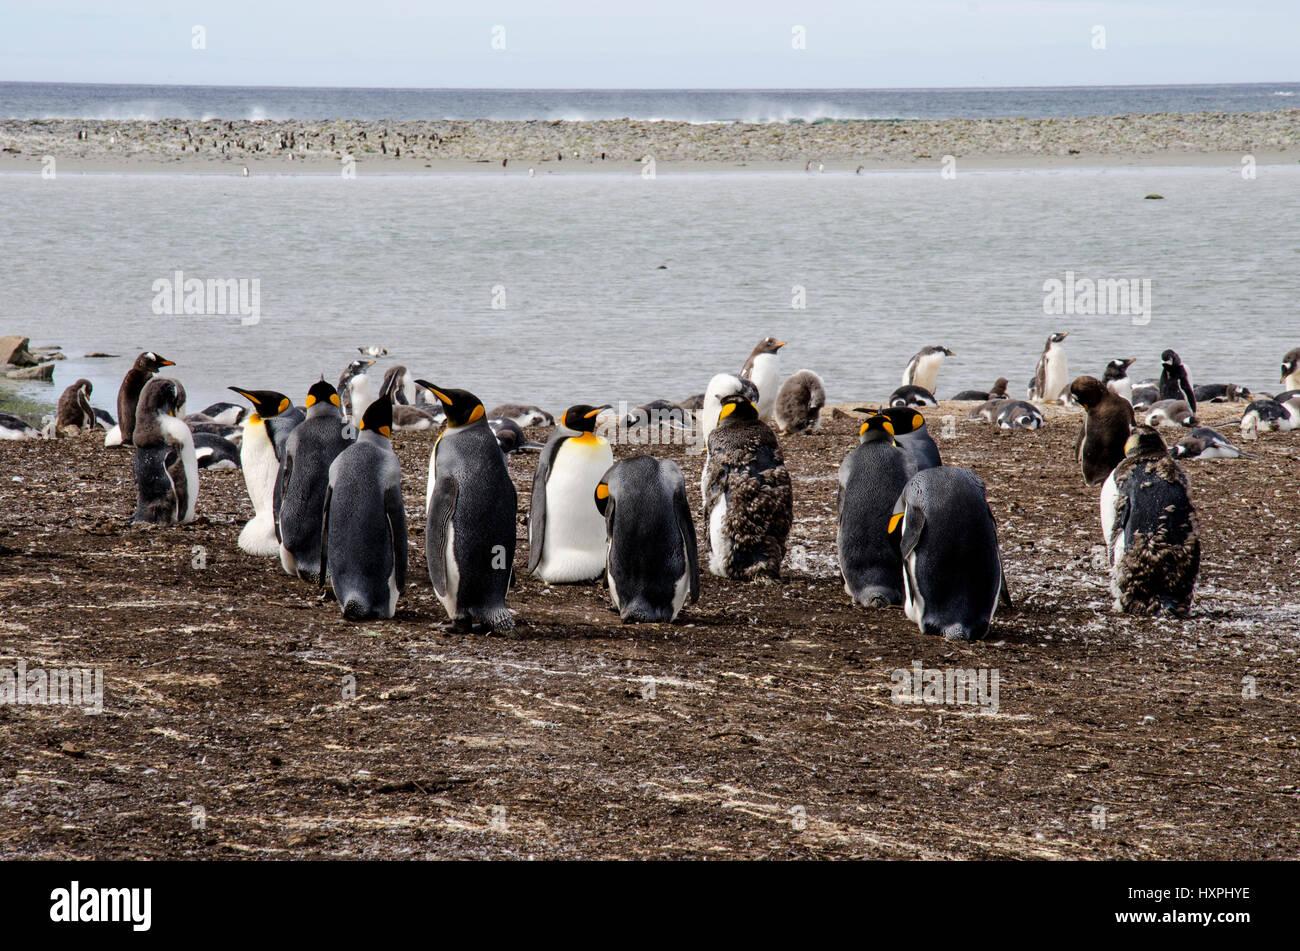 Pinguino reale - Aptenodytes patagonicus - colonia di pinguini re delle Isole Falkland Foto Stock